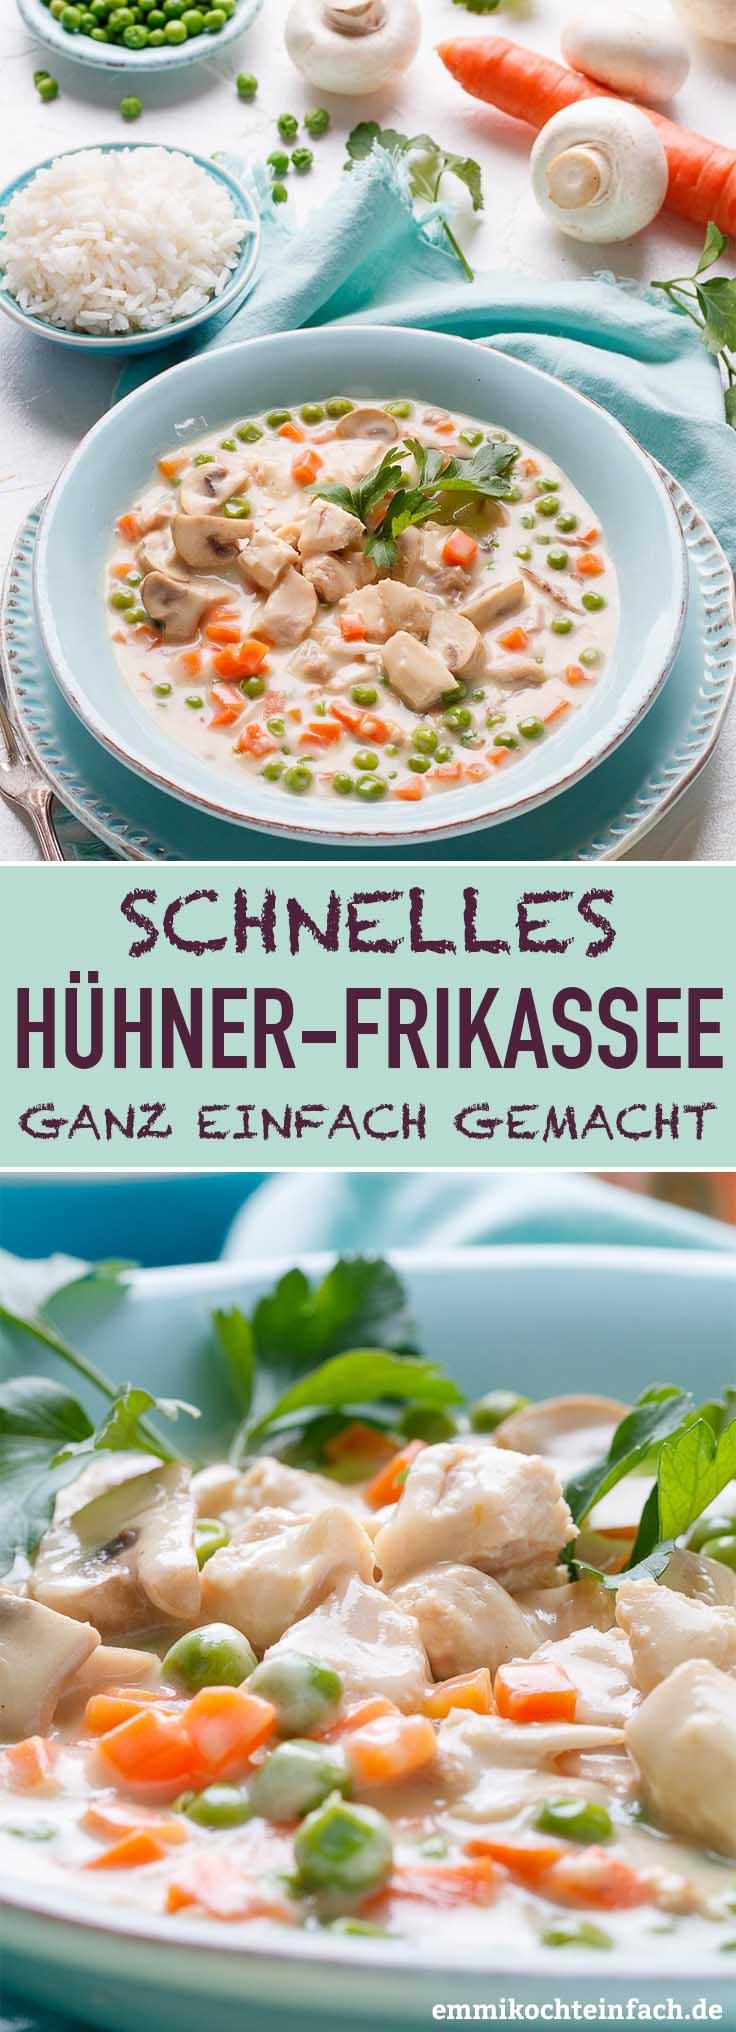 Hühnerfrikassee - einfach und schnell gemacht - www.emmikochteinfach.de